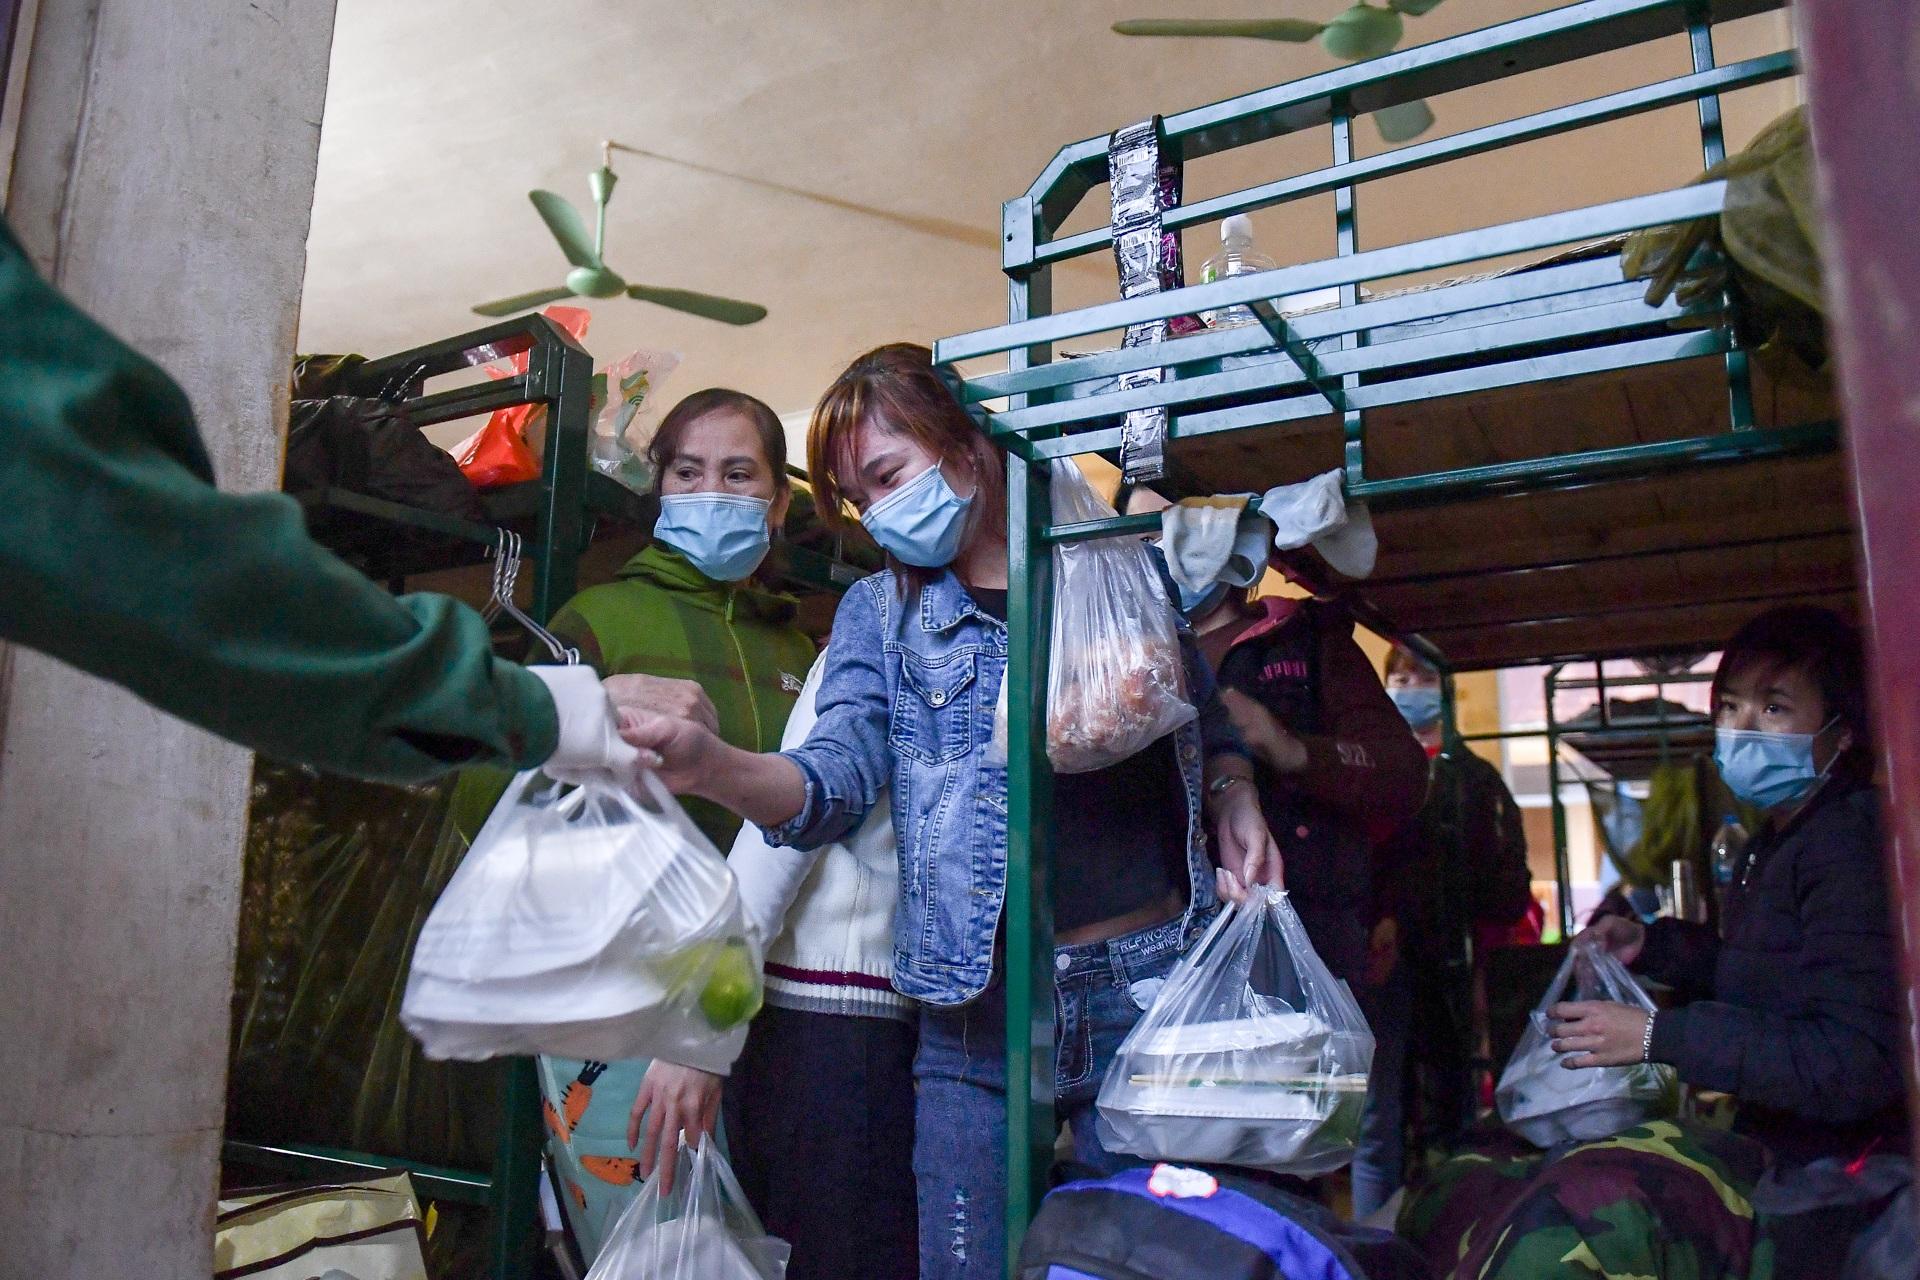 Chiến sĩ vội vã chuẩn bị hàng trăm suất cơm trong khu cách ly tại Lạng Sơn - 23